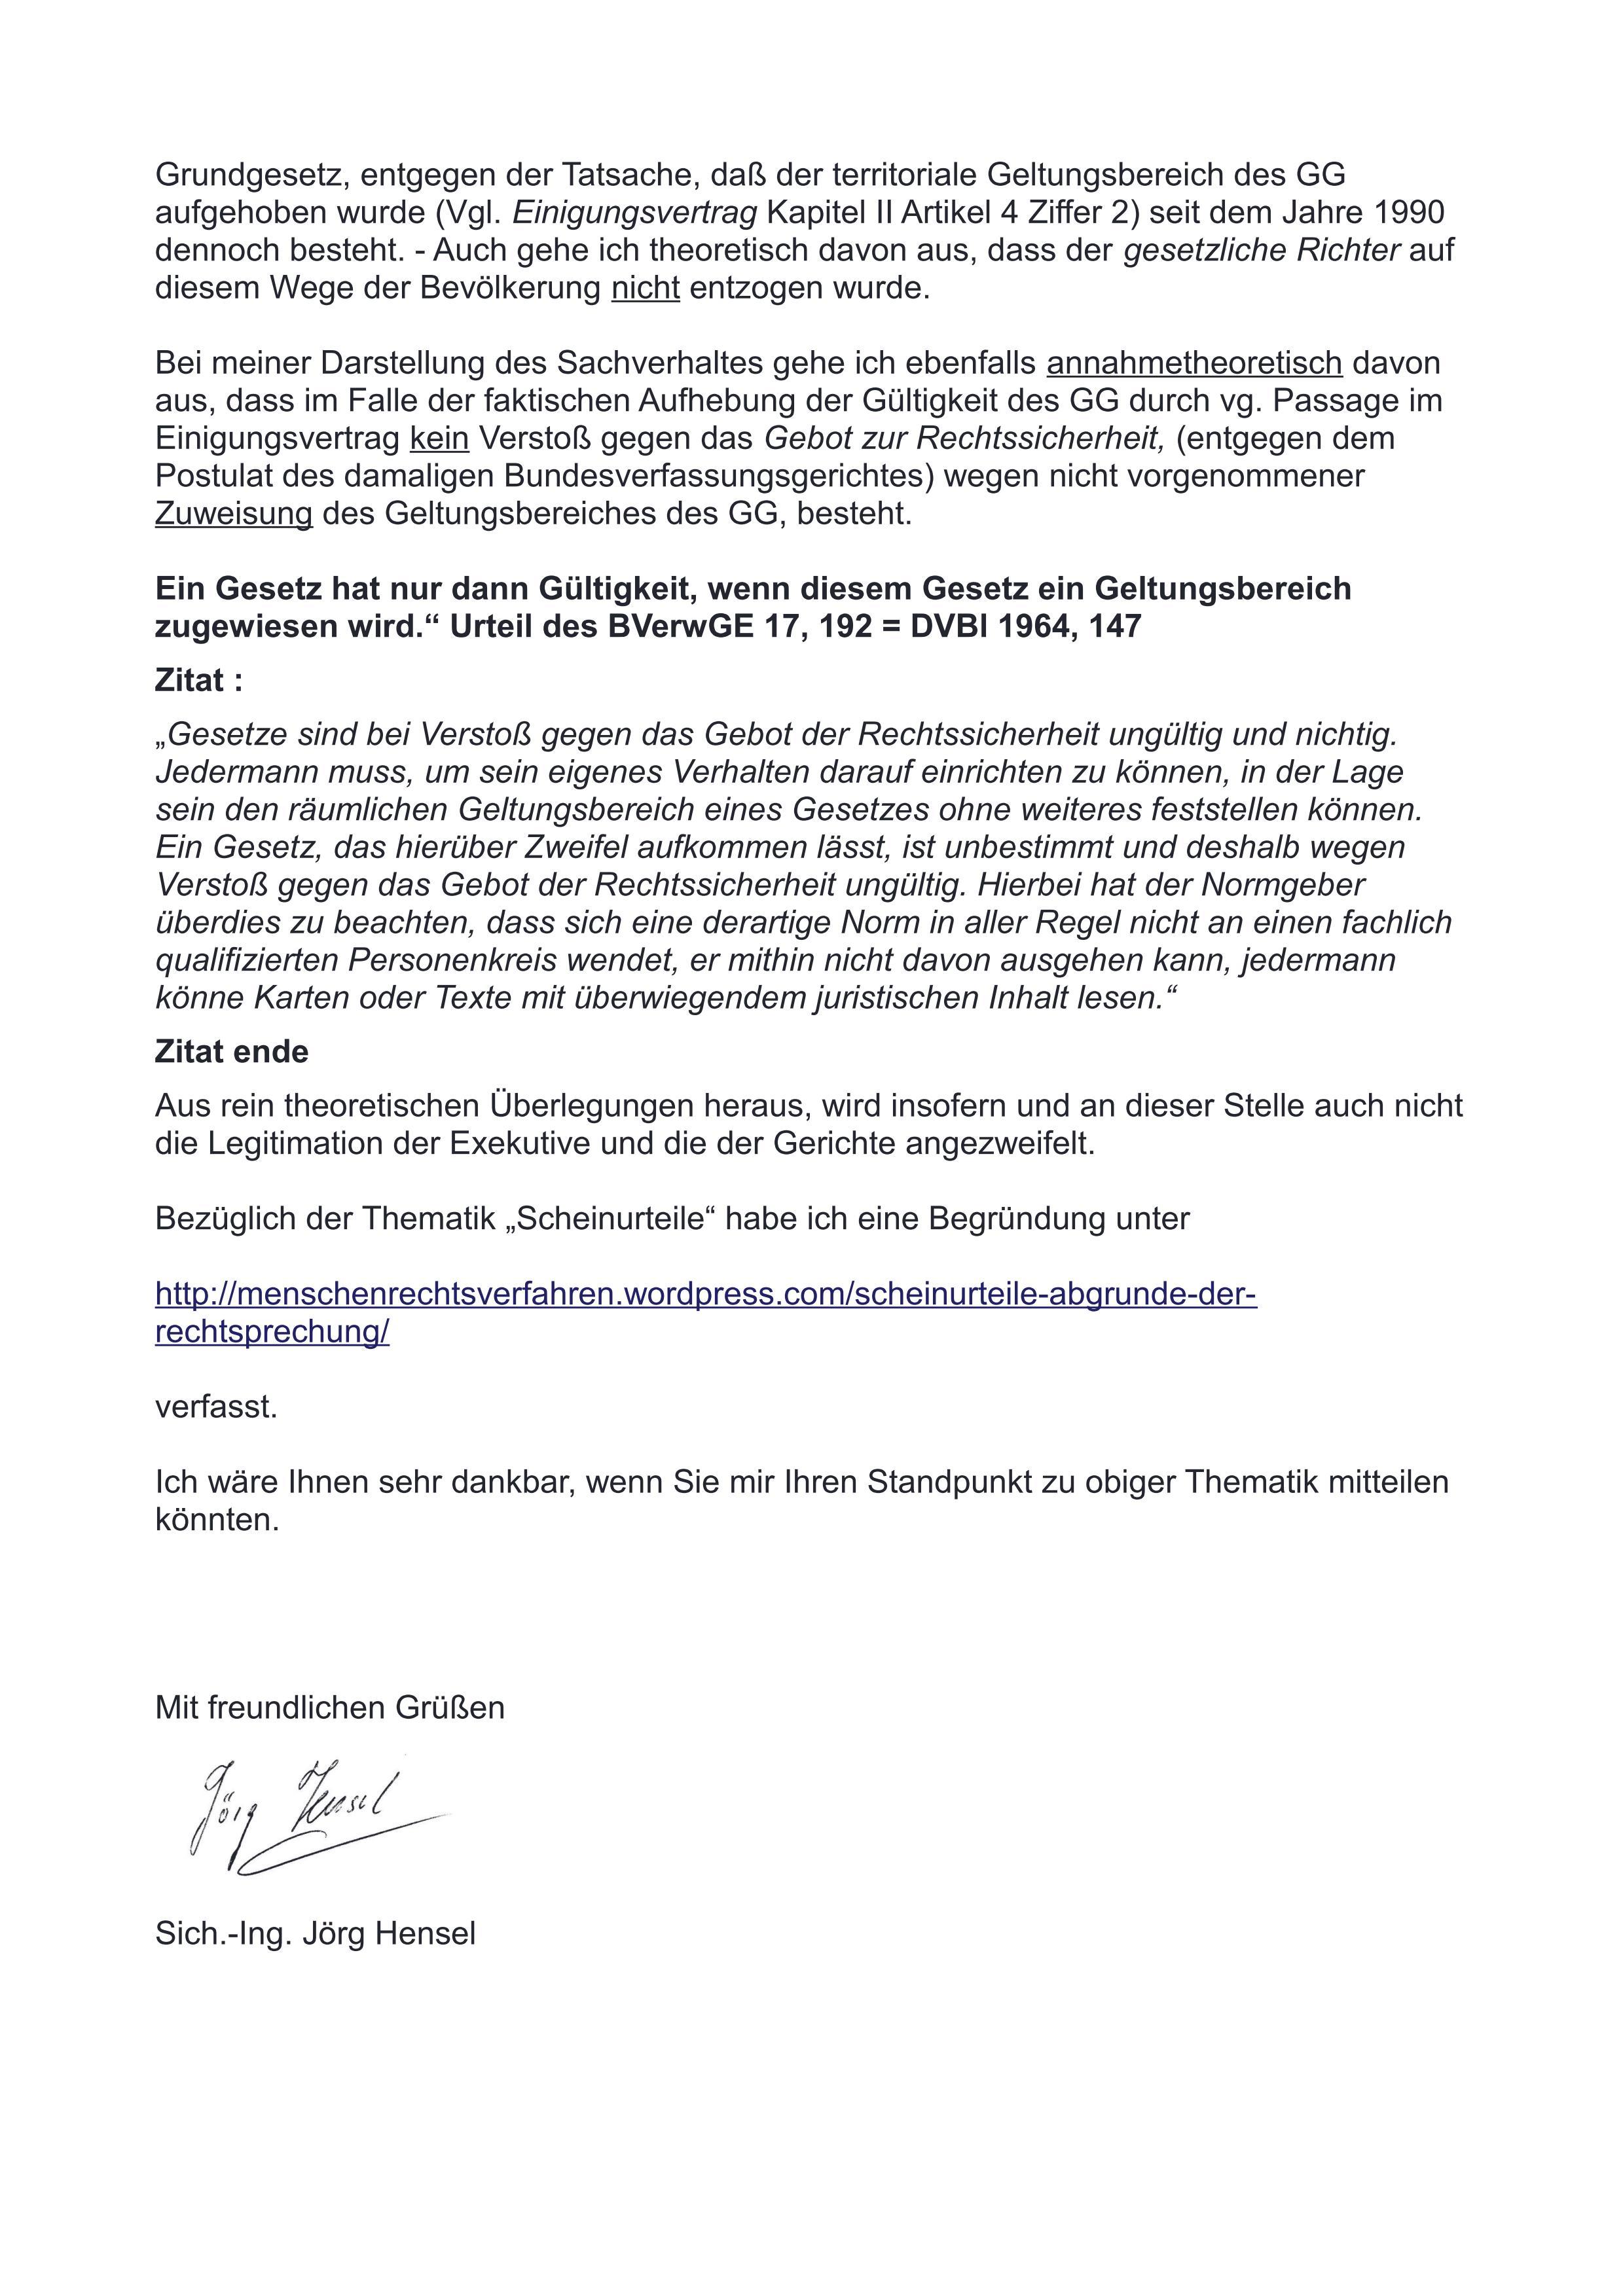 Zwangsvollstreckung Aufgrund Von Scheinurteilen Offener Brief An